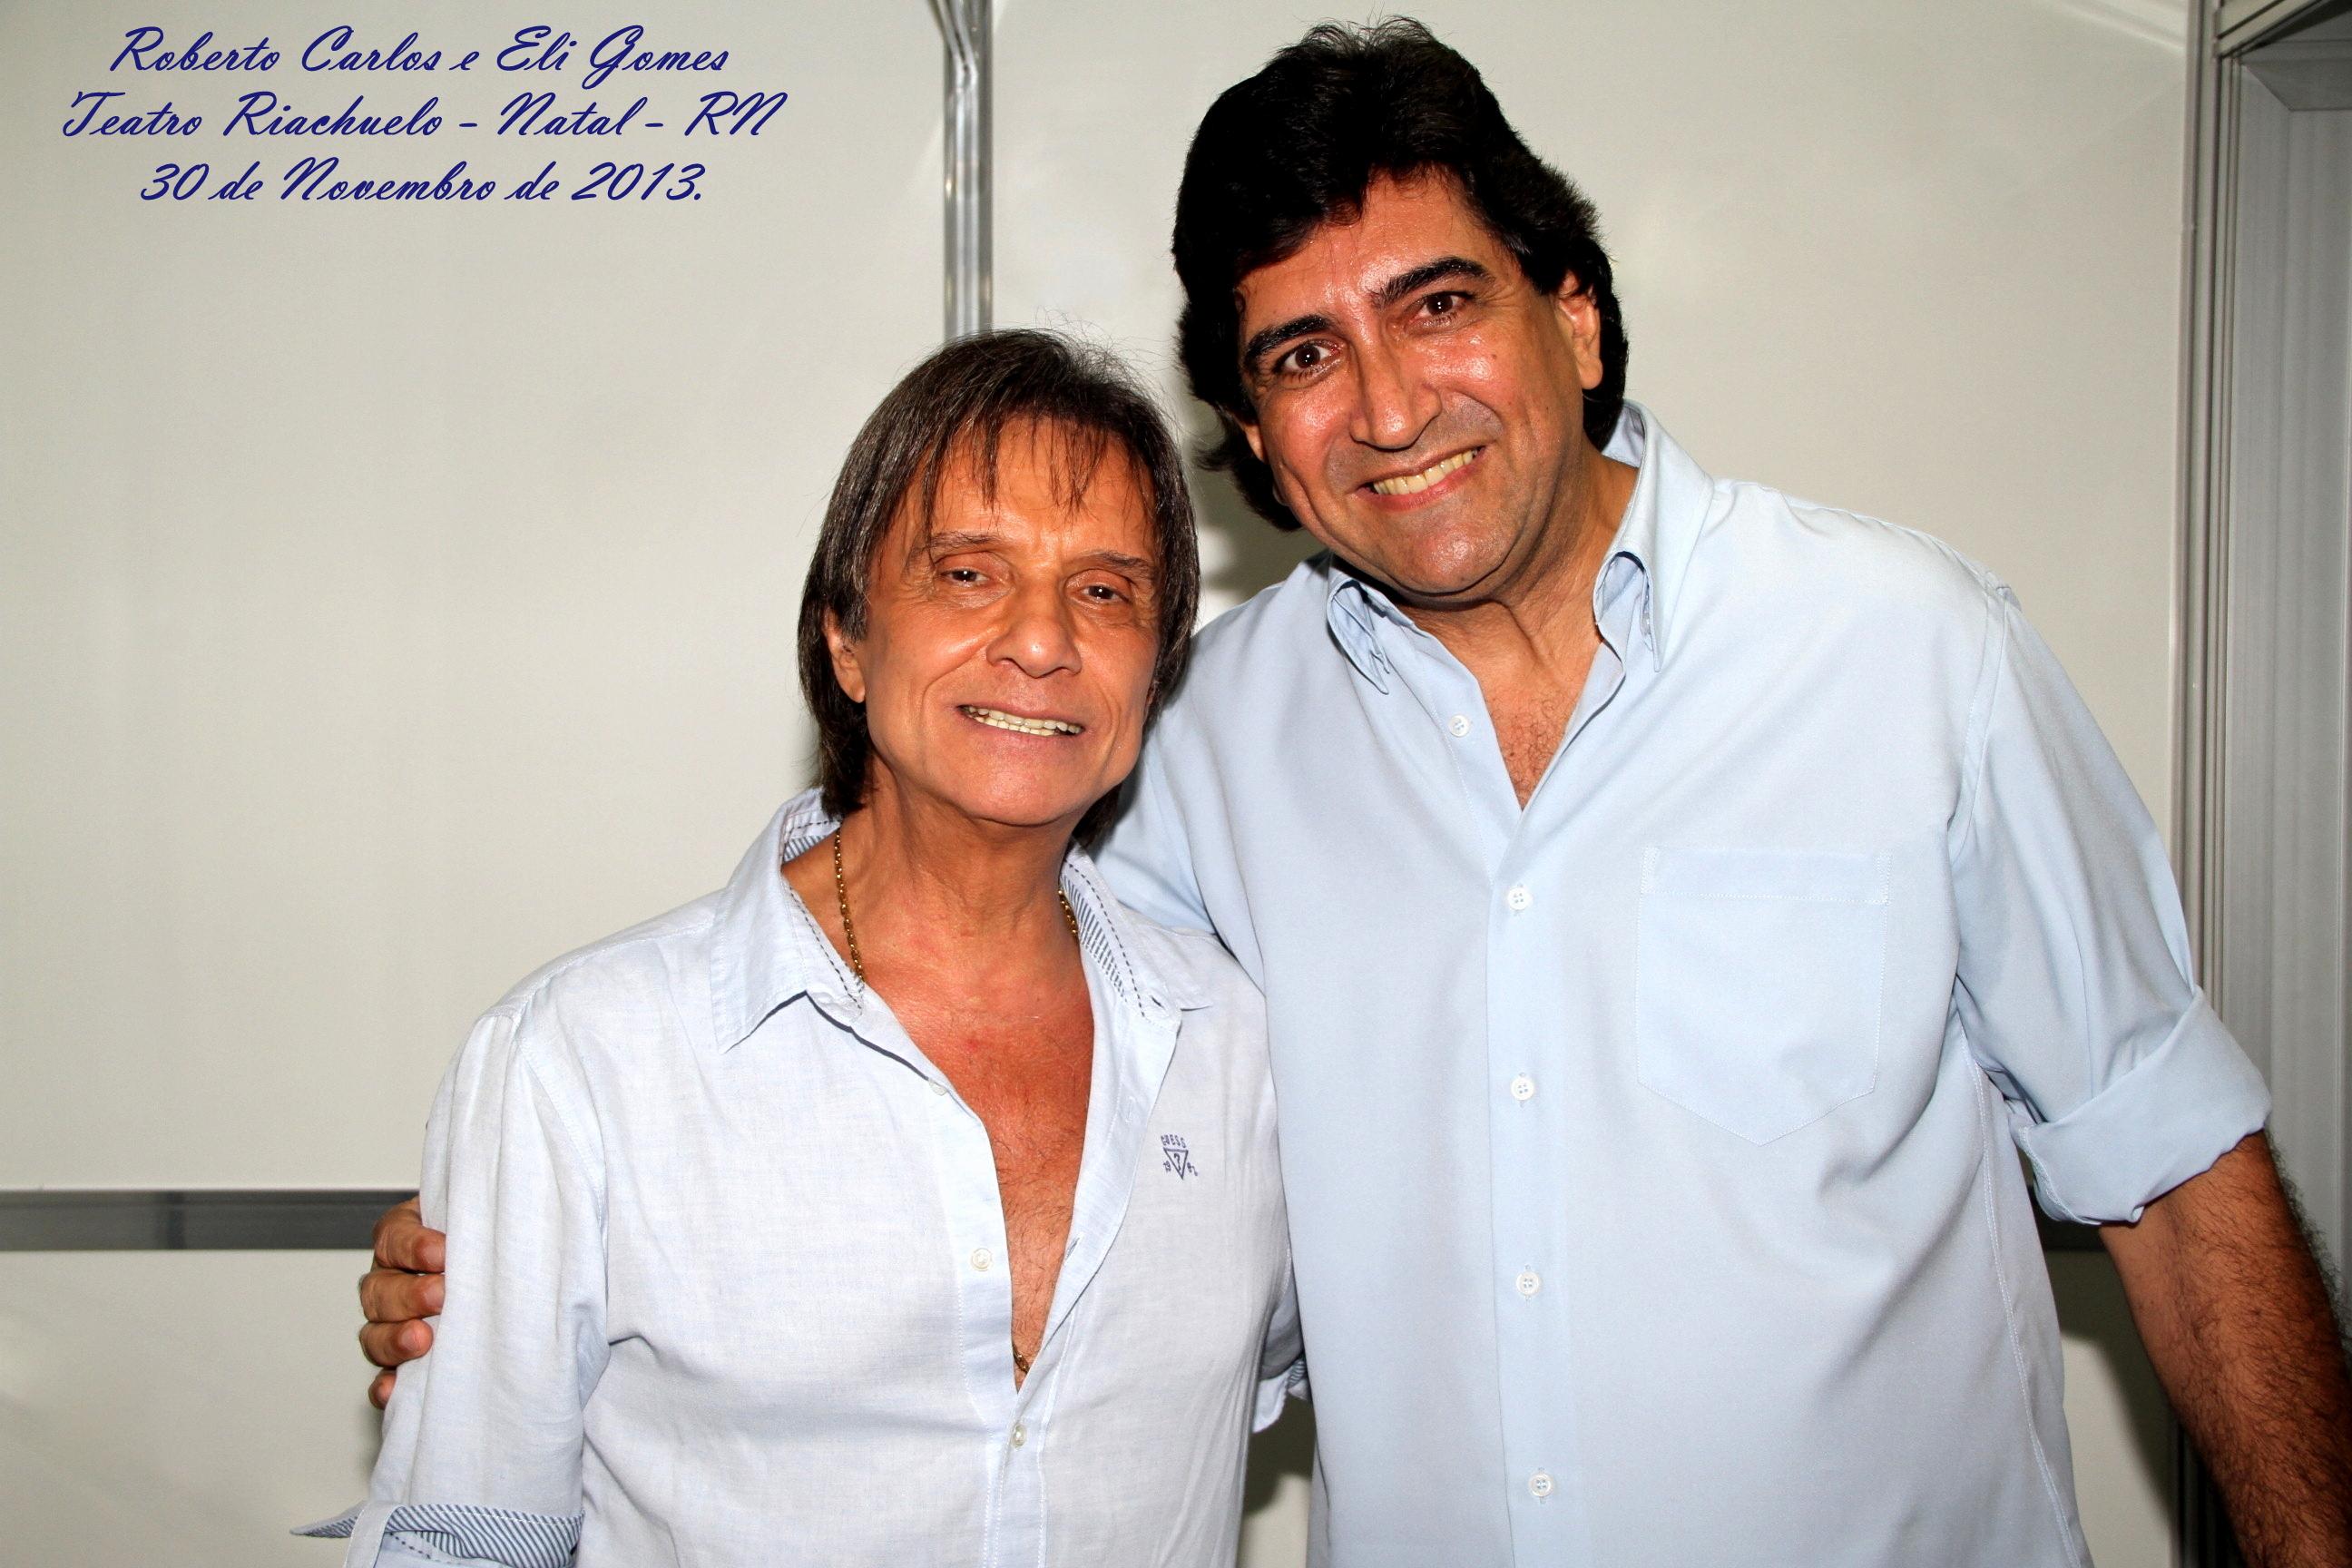 Eli Gomes de Araujo